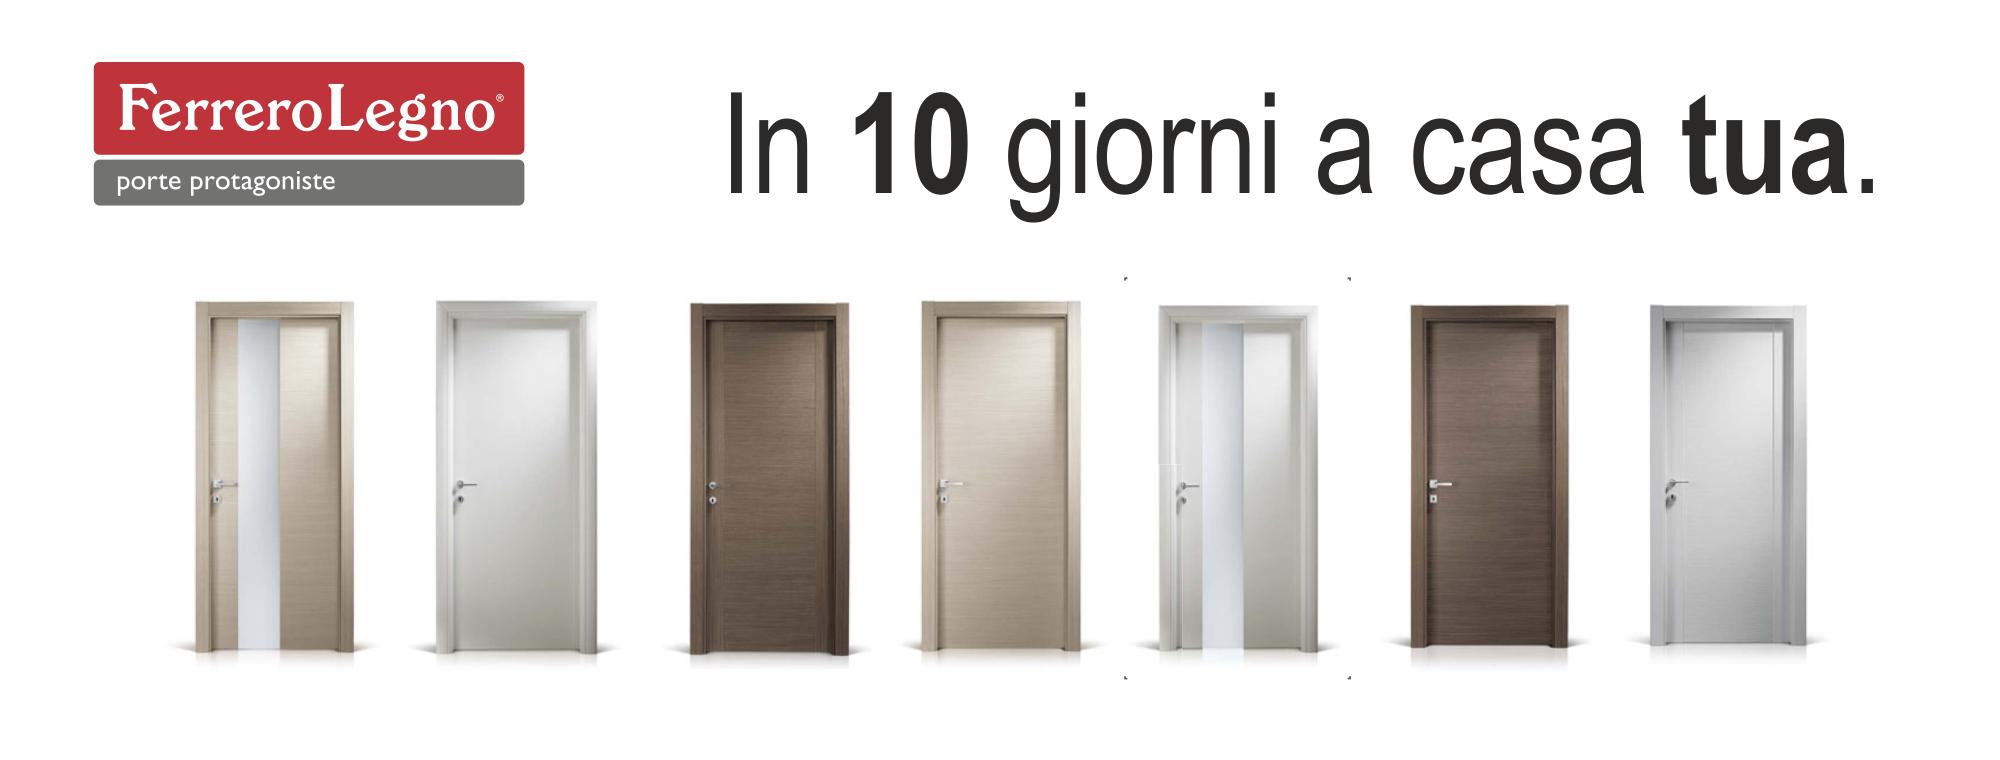 Porte interne Ferrero legno in 10 giorni da Omnia Serramenti a Pisa